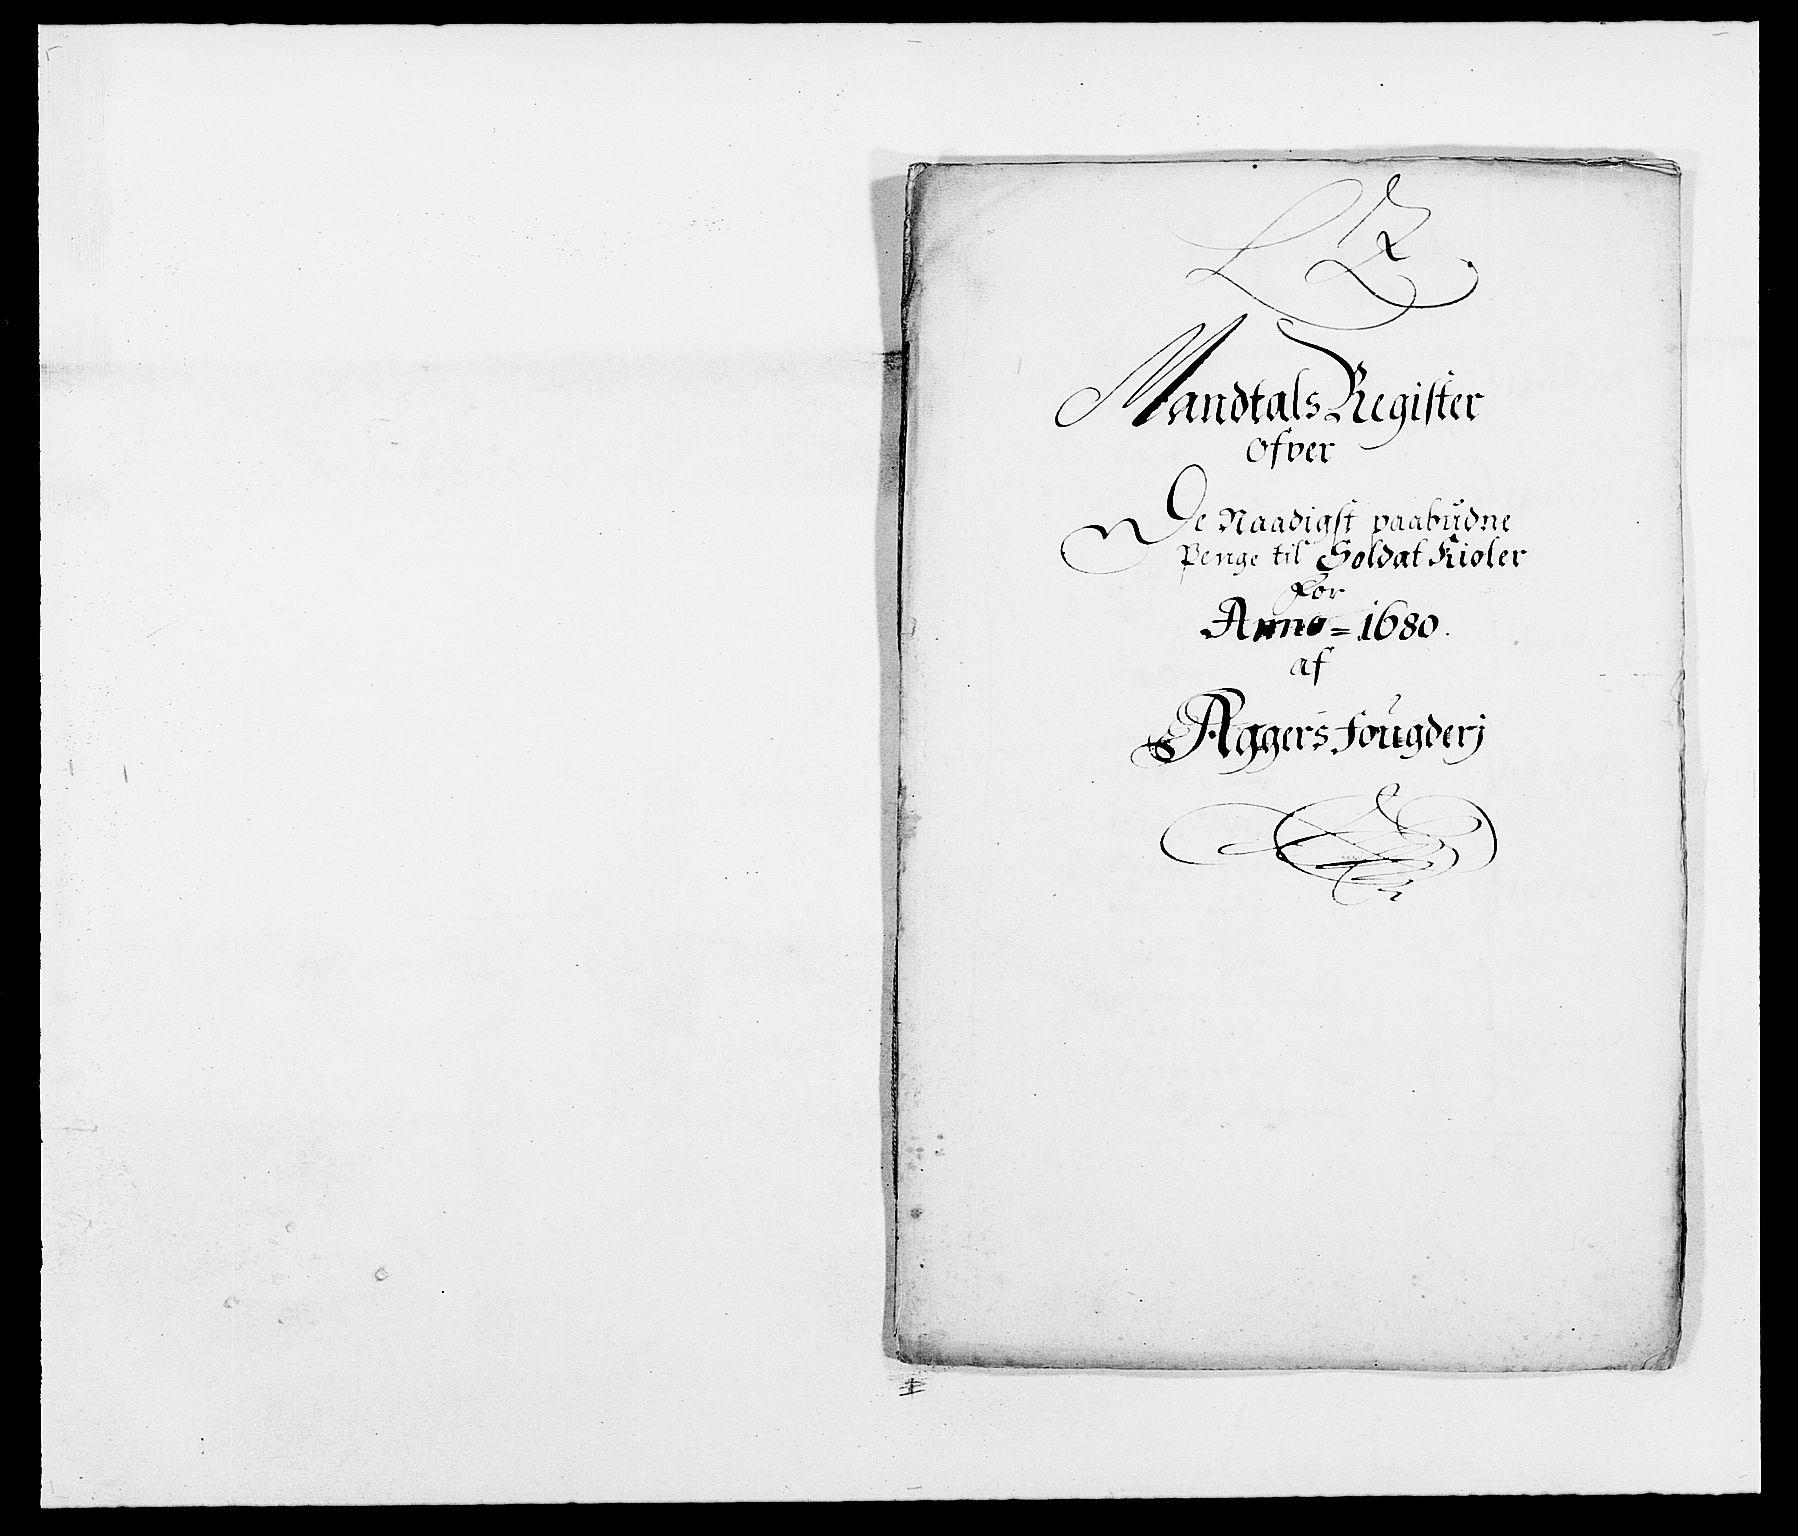 RA, Rentekammeret inntil 1814, Reviderte regnskaper, Fogderegnskap, R08/L0417: Fogderegnskap Aker, 1678-1681, s. 143